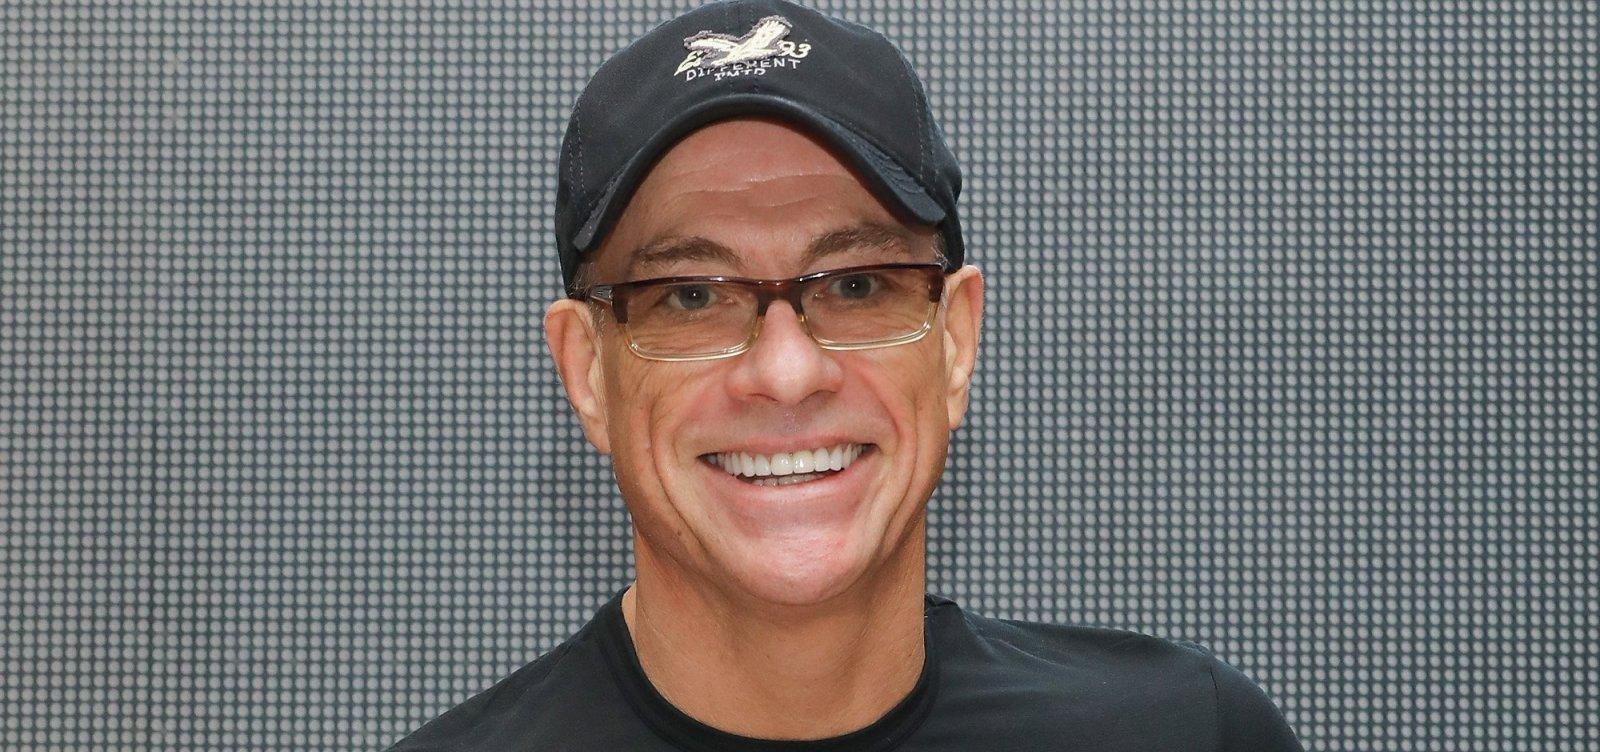 [Jean-Claude Van Damme garante que não morreu: 'É fake news' ]